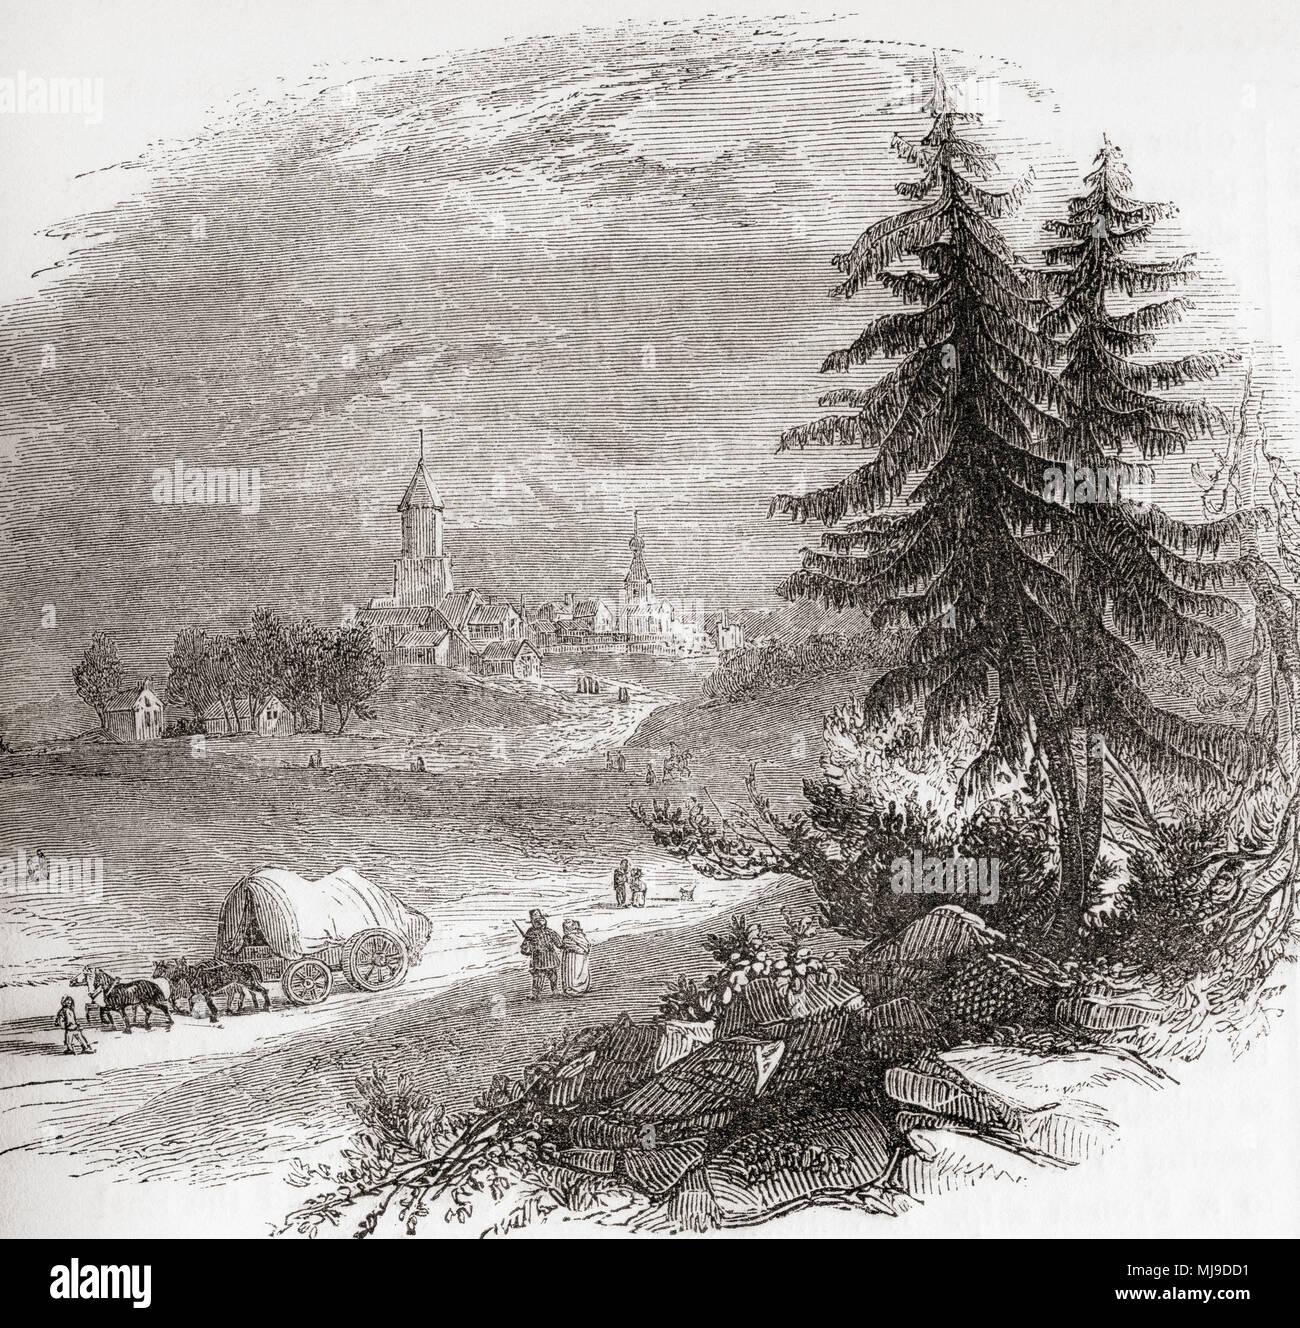 Una vista de Falkirk, Escocia. Desde Inglaterra vieja: un museo pictórico, publicado 1847. Imagen De Stock